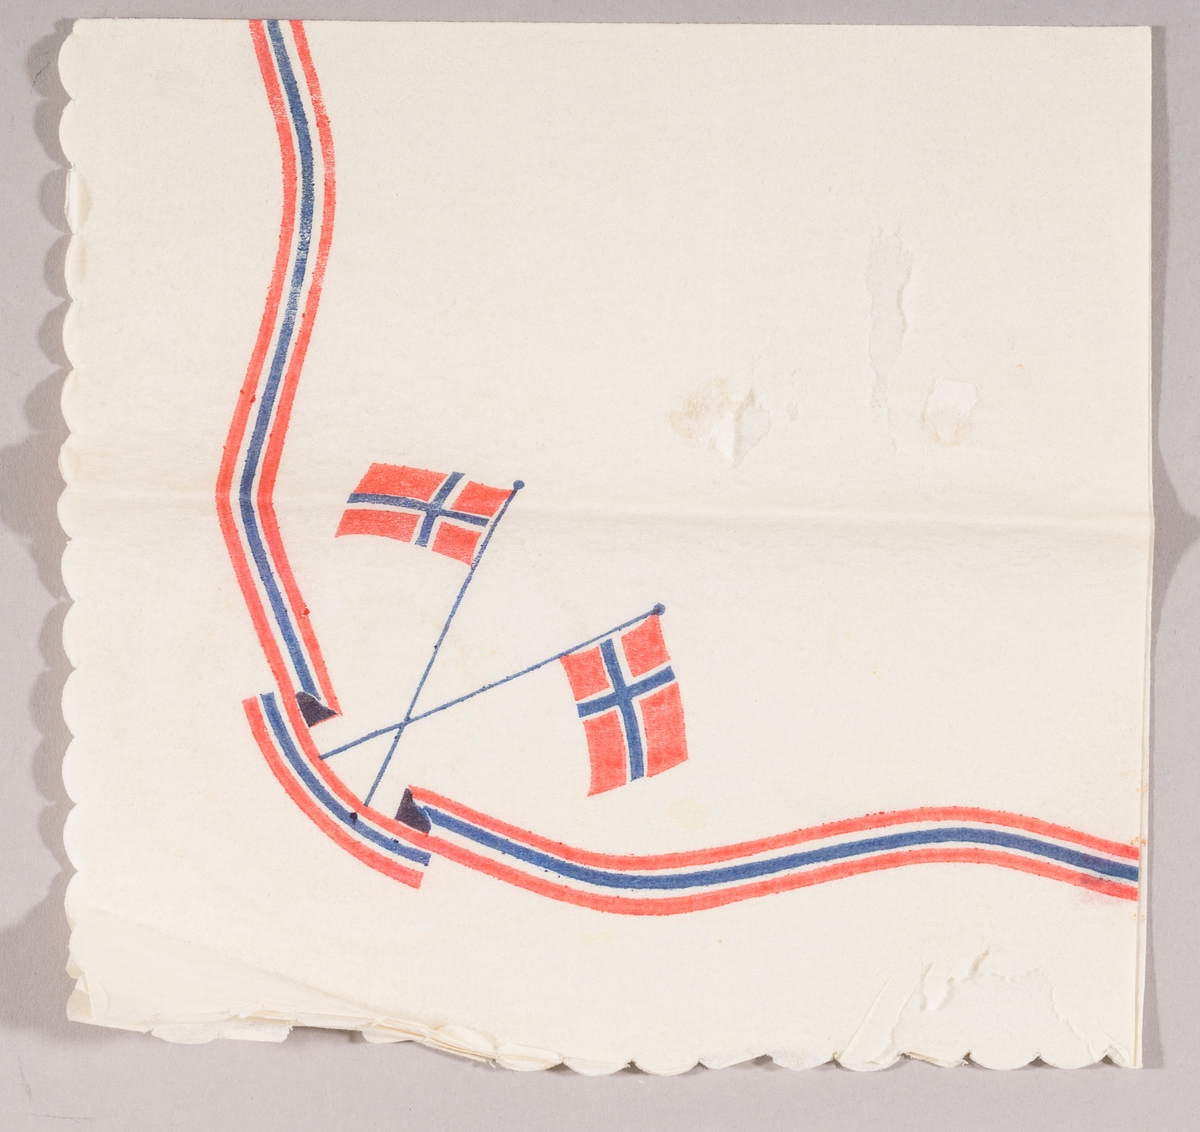 Svungen bånd i rødt og blått. To norske flagg i kryss.